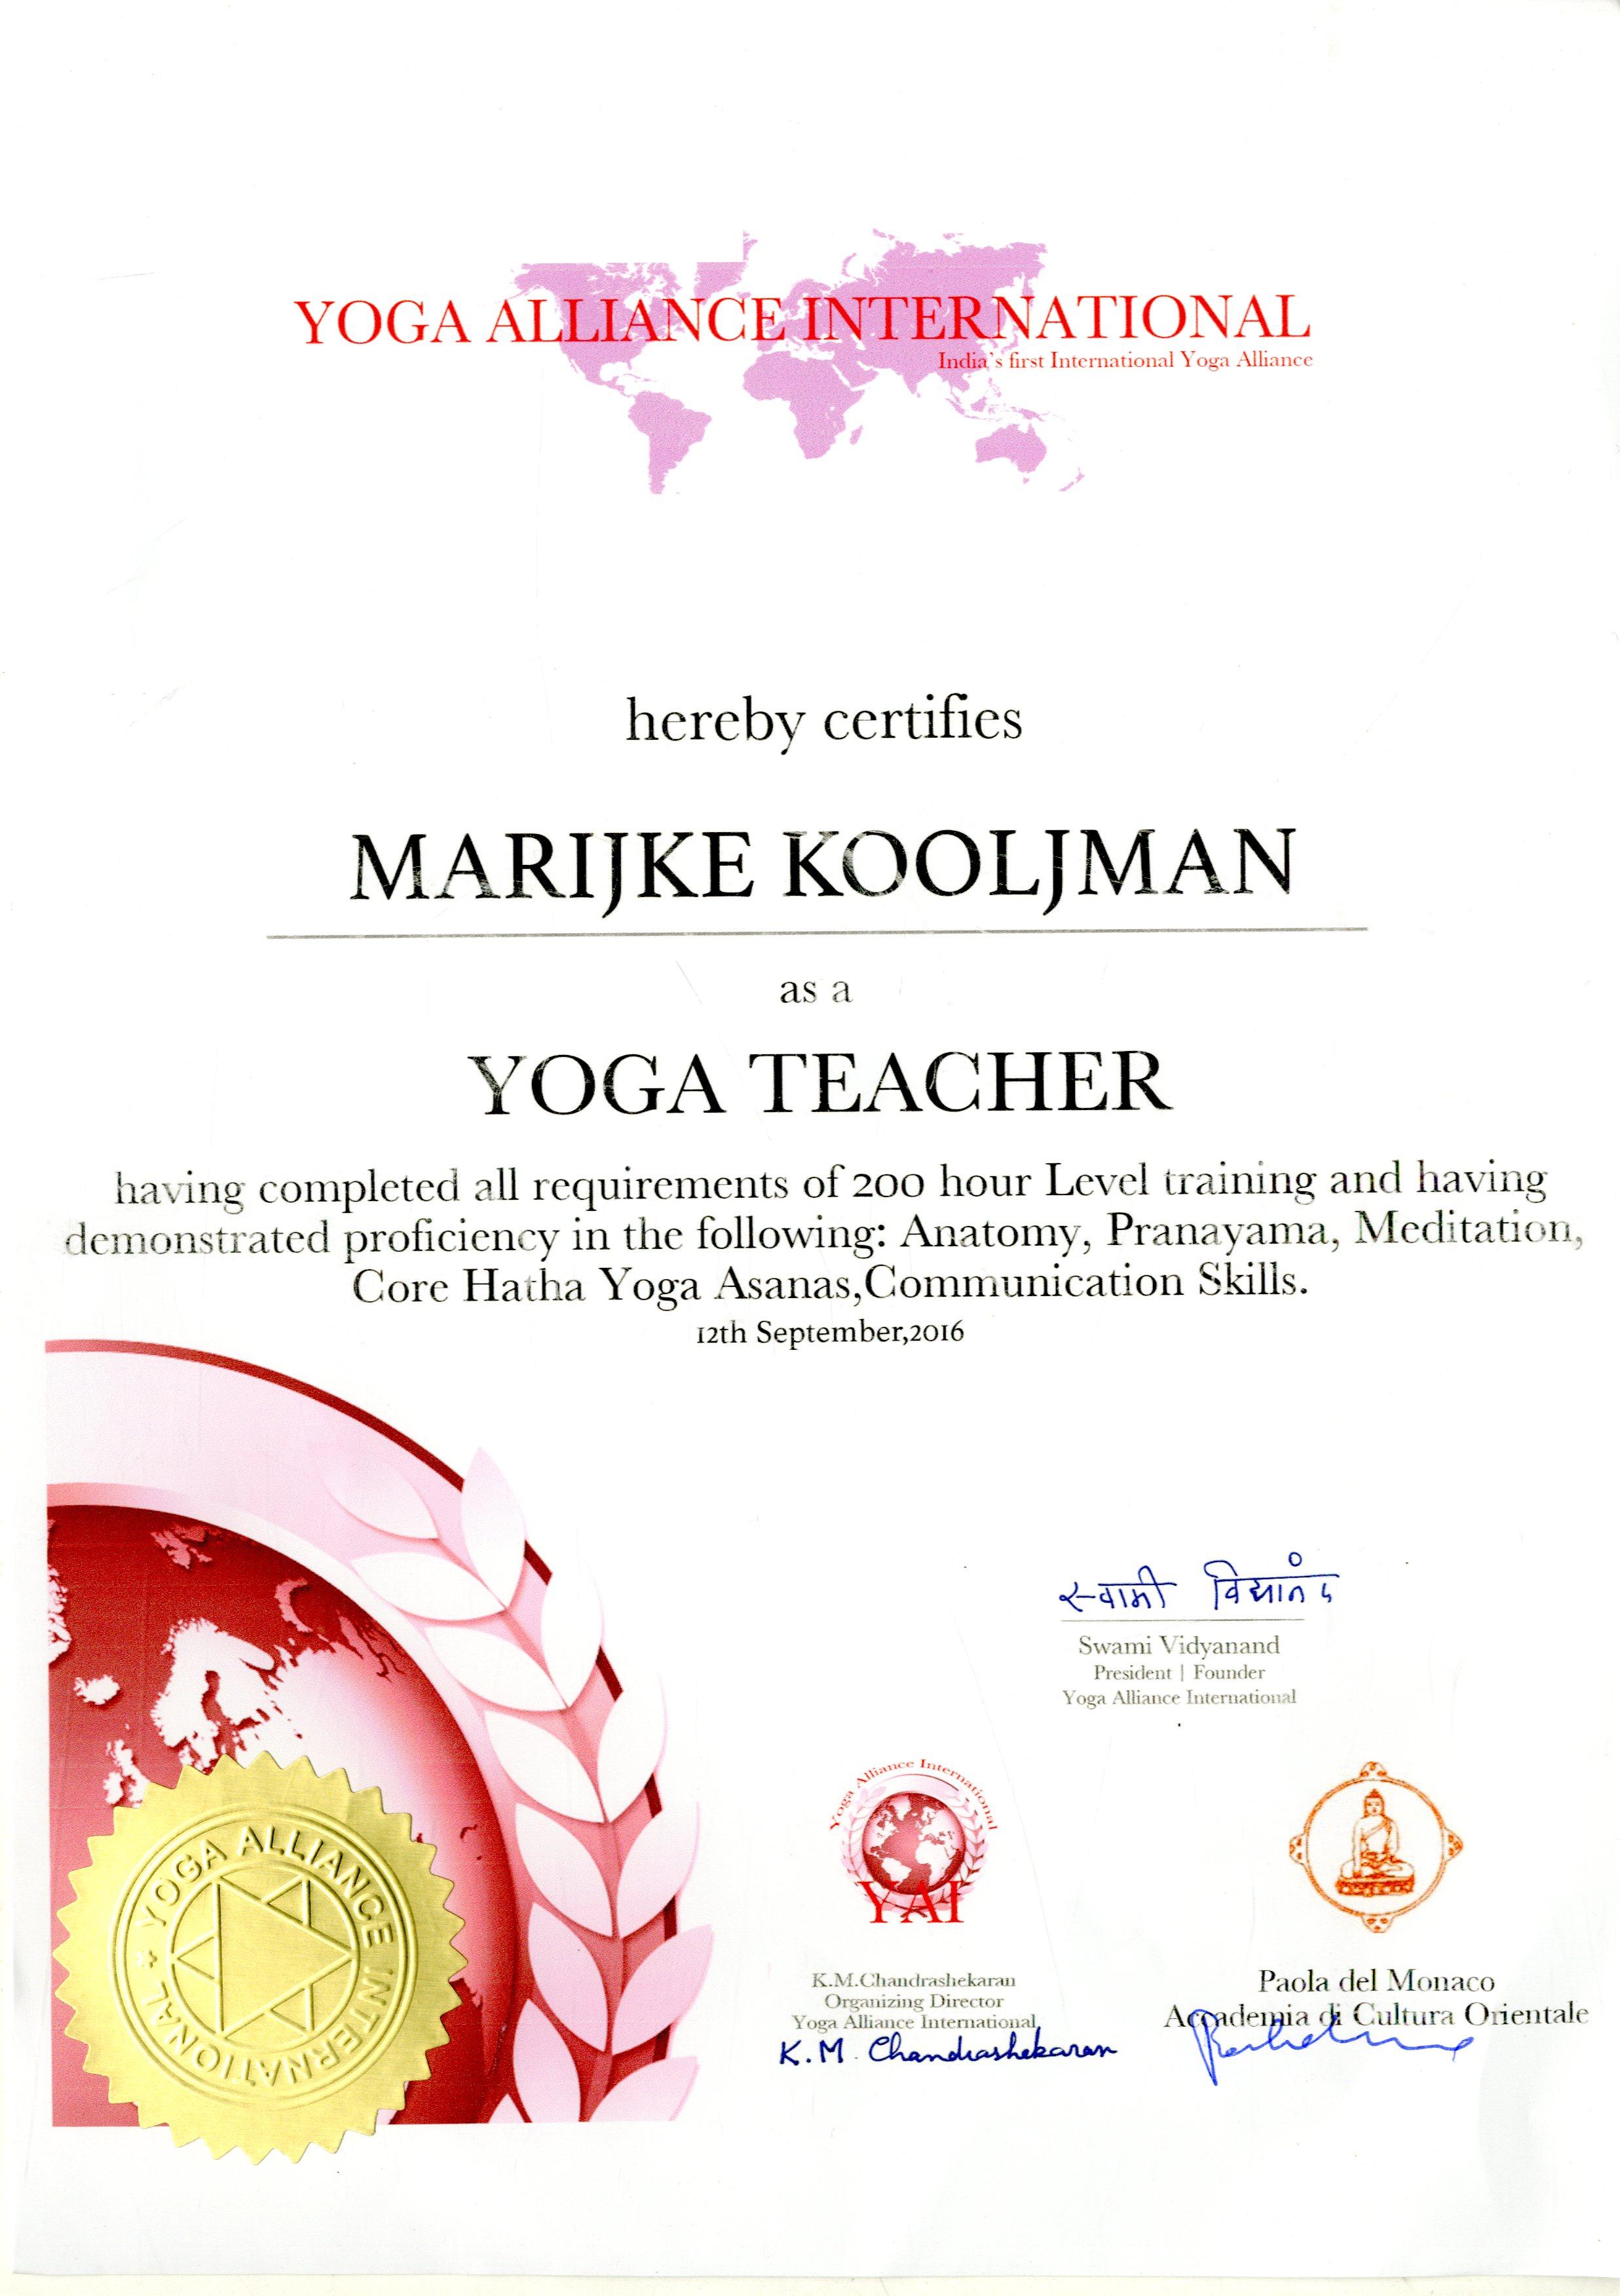 Diploma Yoga Alliance International (fai click per vedere l'immagine completa)